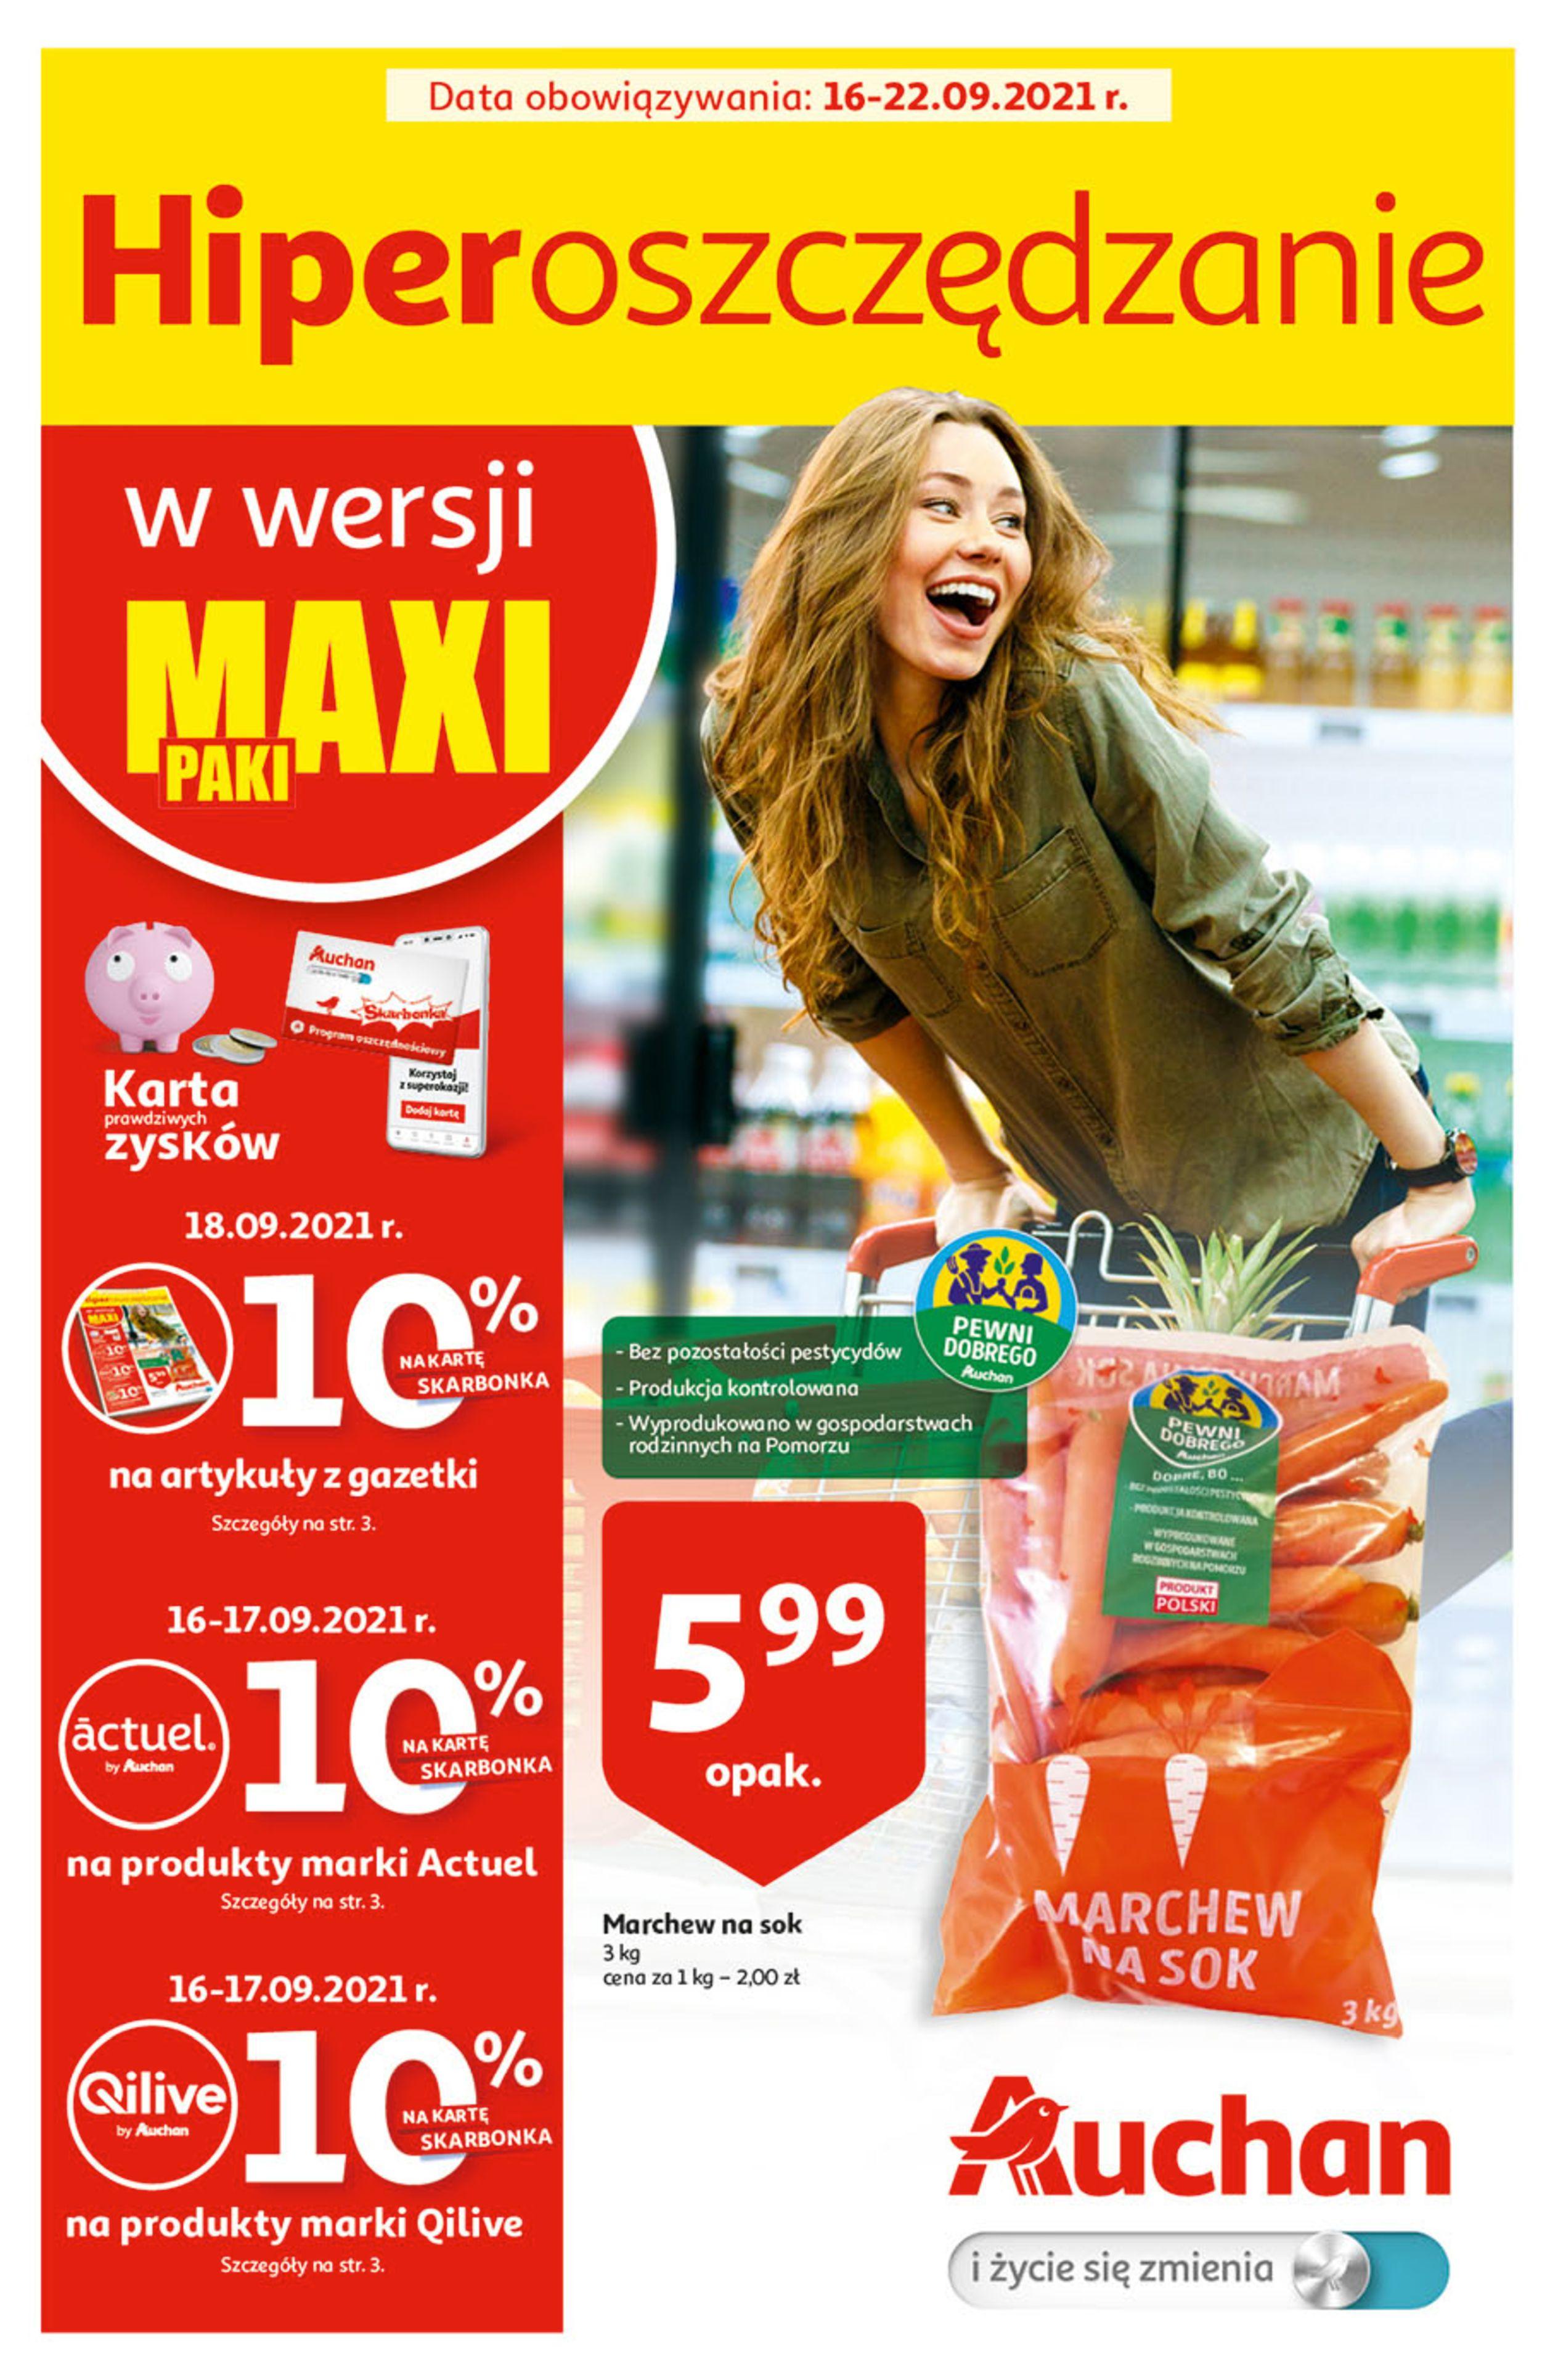 Gazetka Auchan: Gazetka Auchan - Hiperoszczędzanie w wersji Maxi Paki Hipermarkety 2021-09-16 page-1